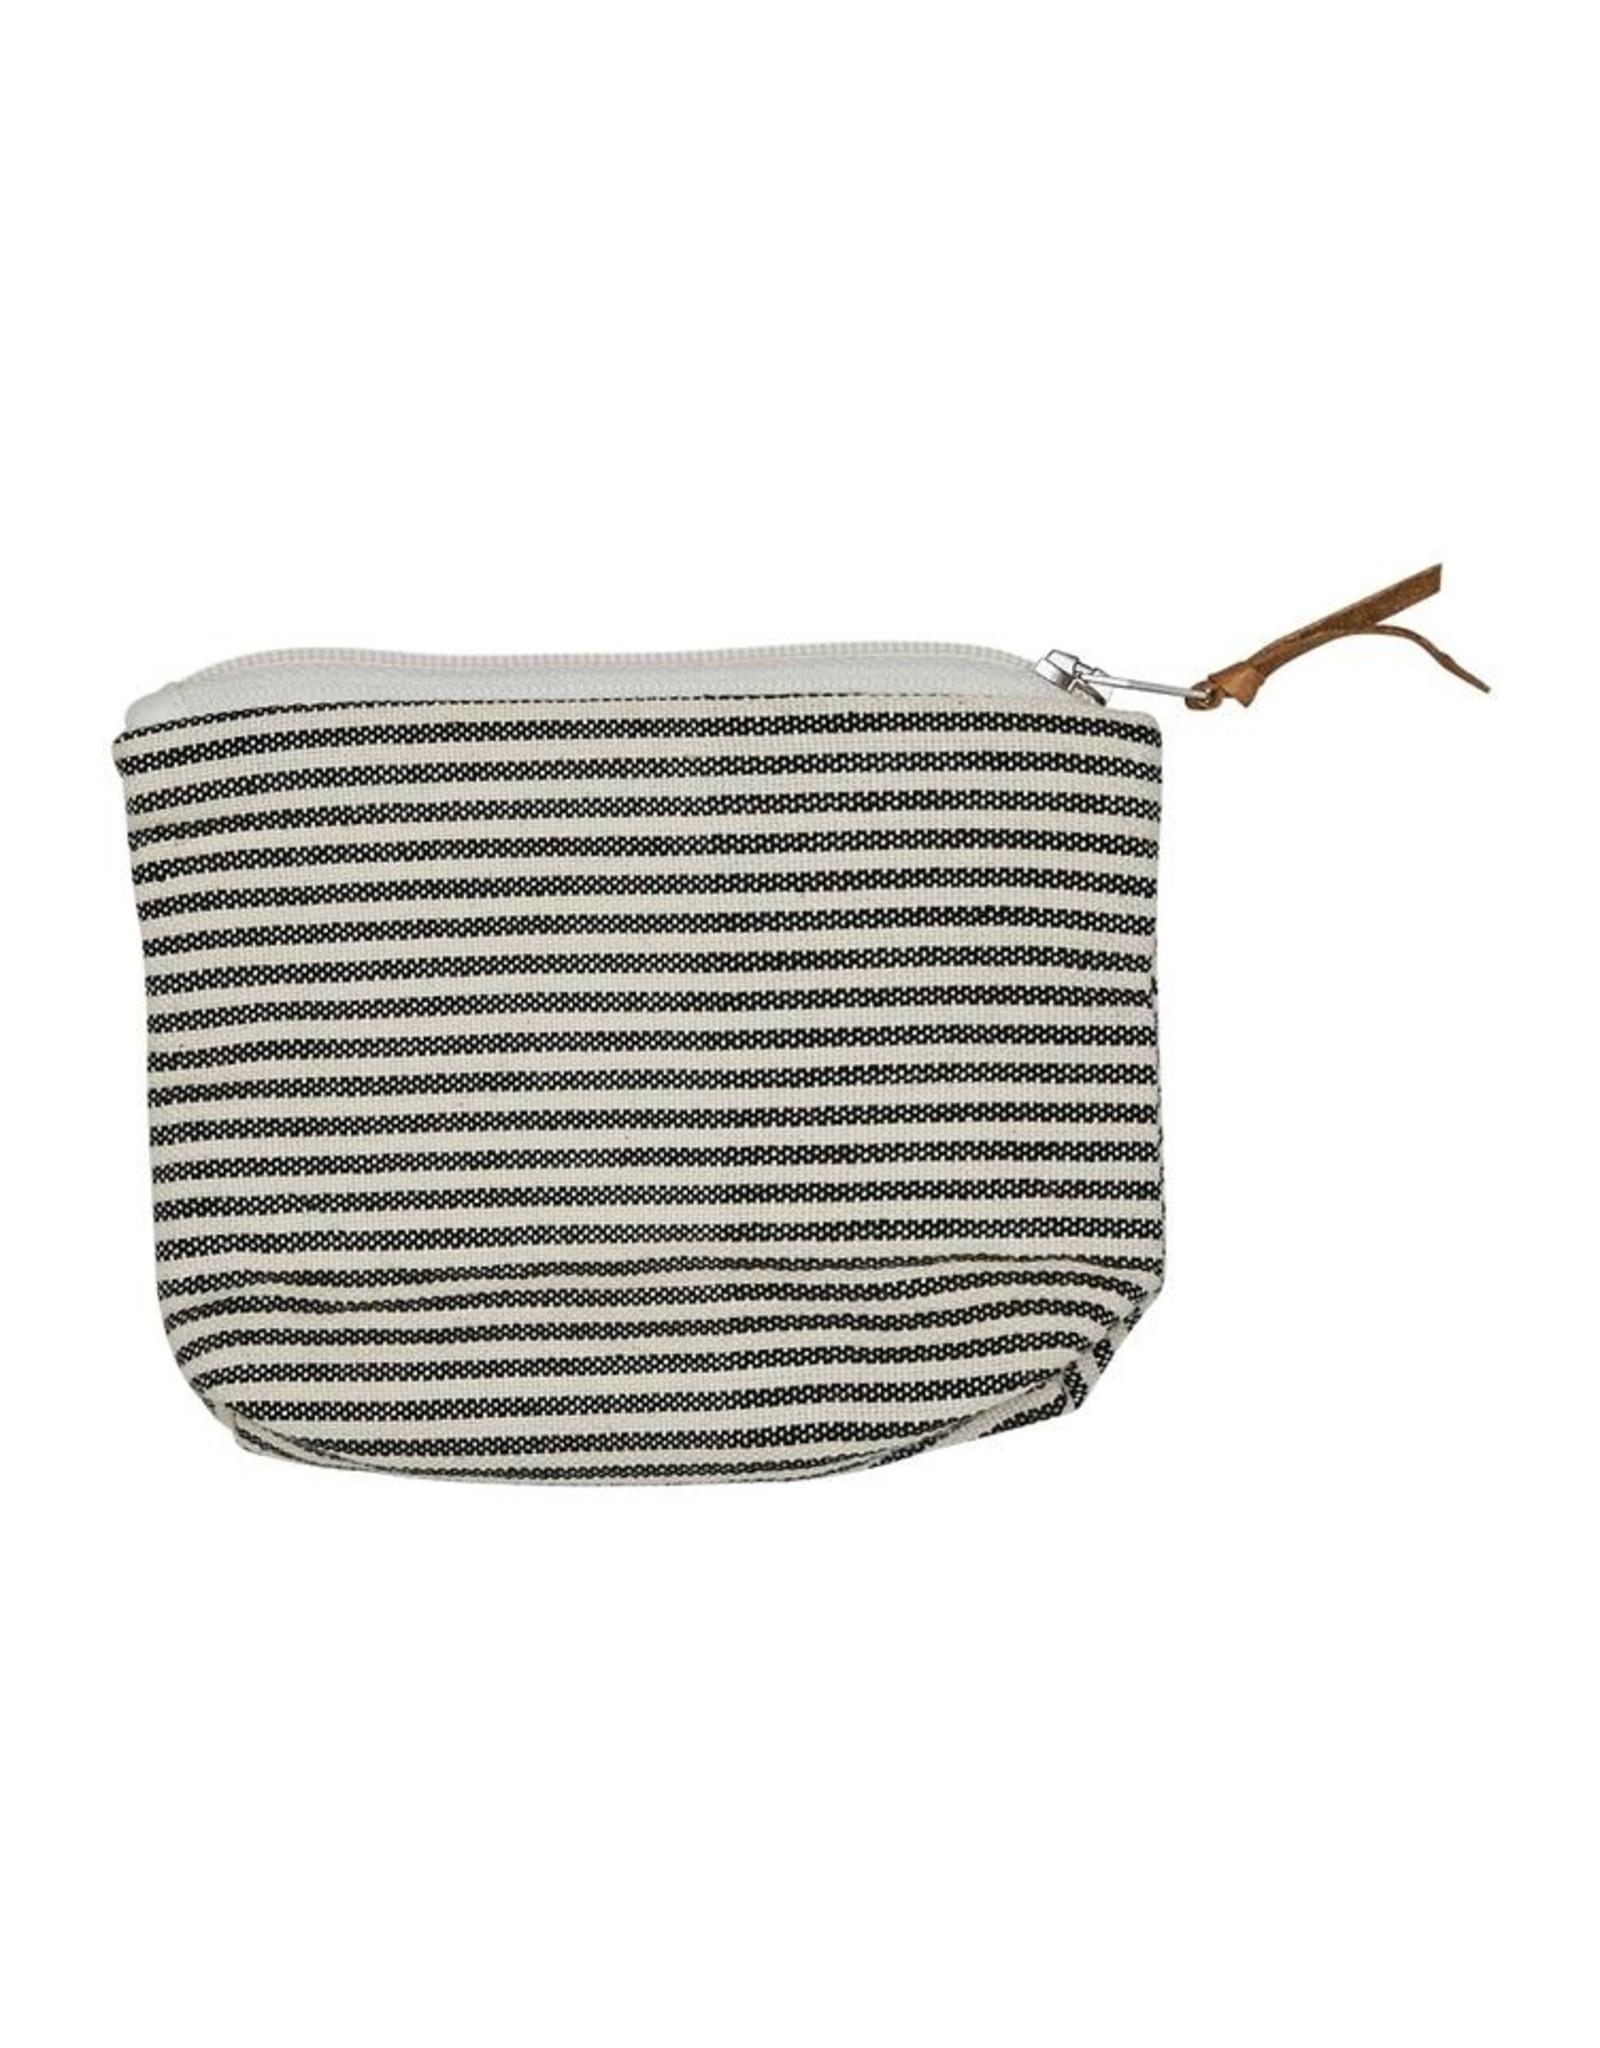 Beutel klein Pinstripes 100% Baumwolle handgewoben